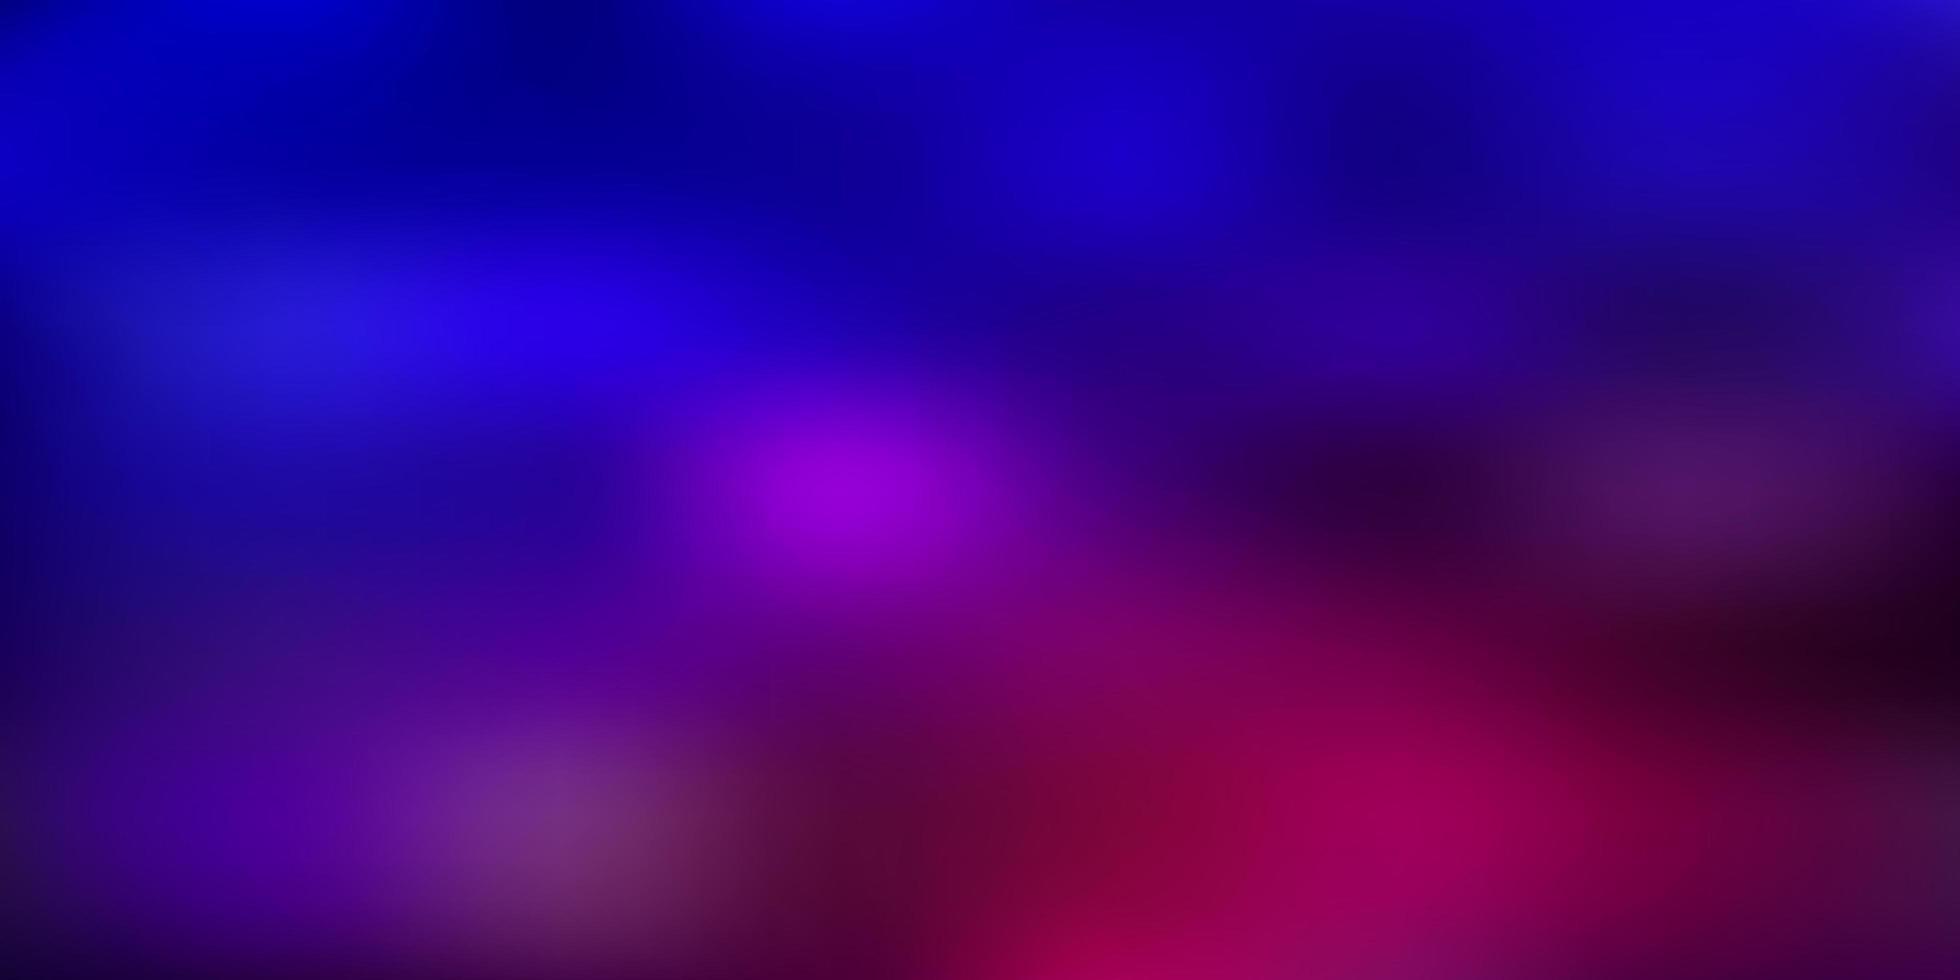 desenho de borrão de gradiente de vetor azul claro